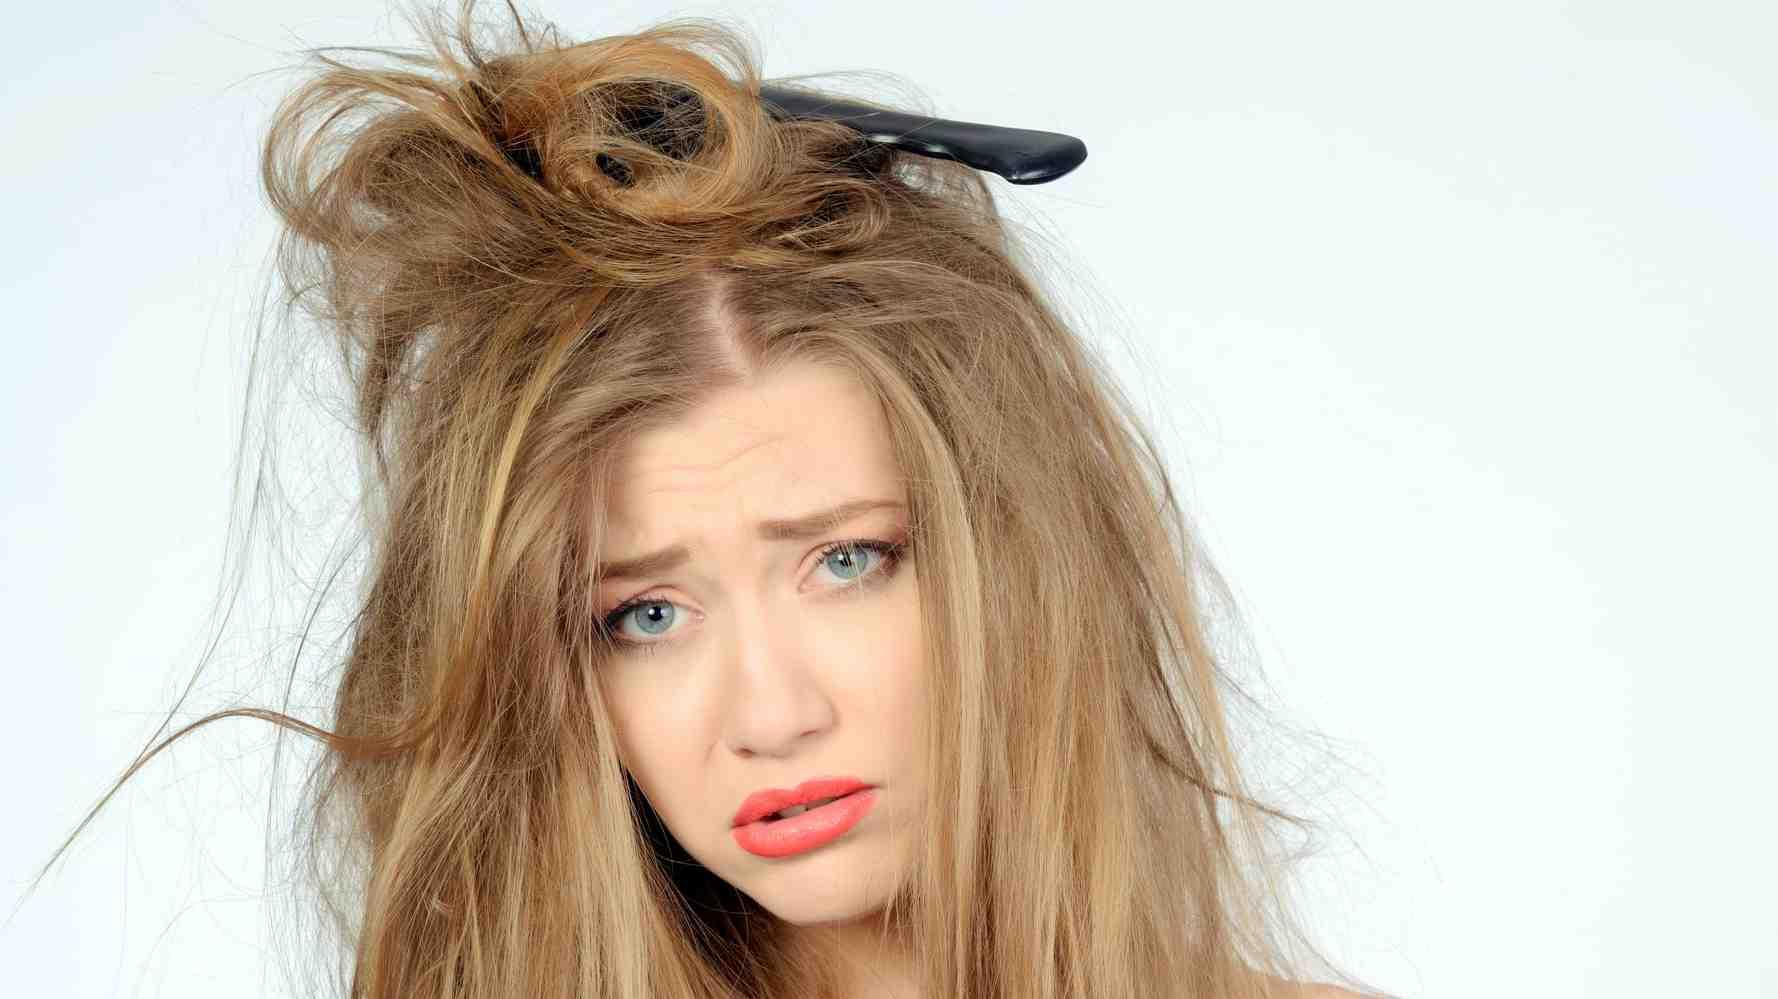 Pourquoi Perd-on plus de cheveux au lavage ?